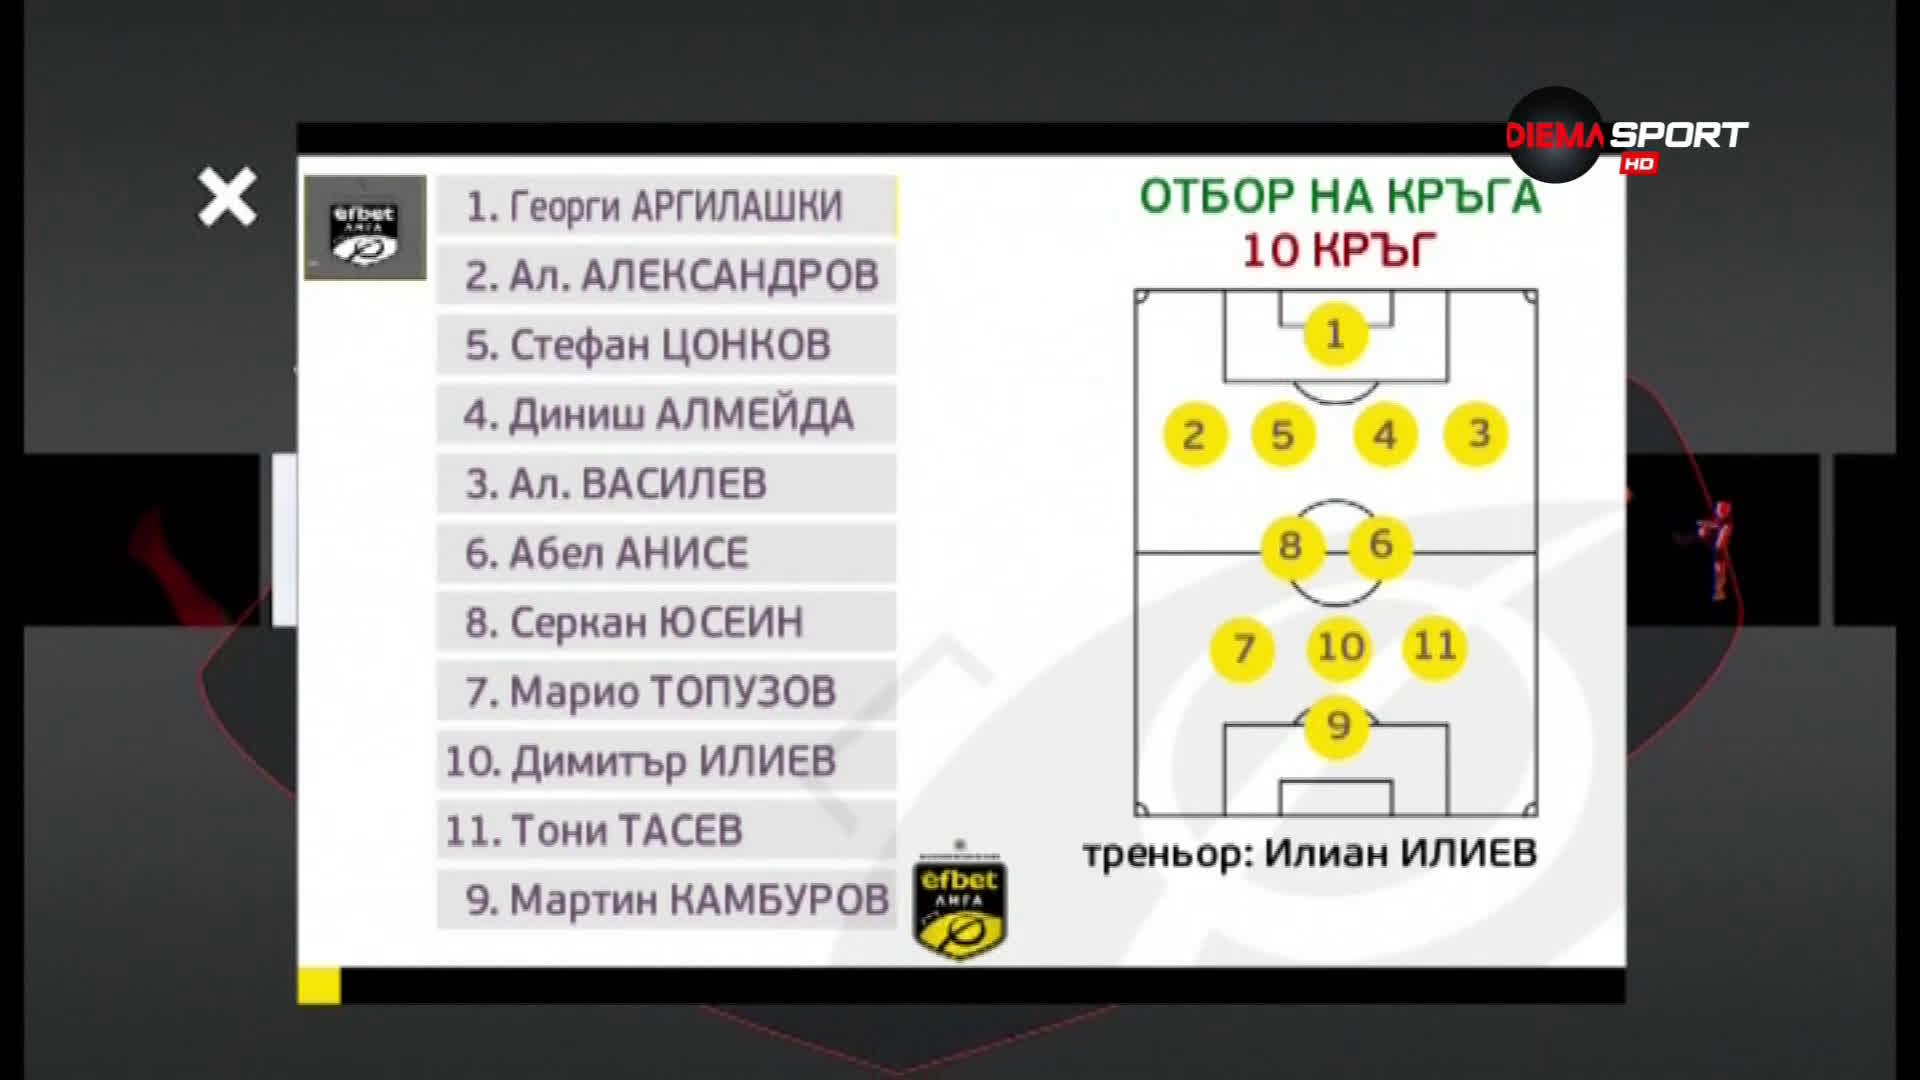 Ето го и иделният отбор на 10-тия кръг в efbet Лига